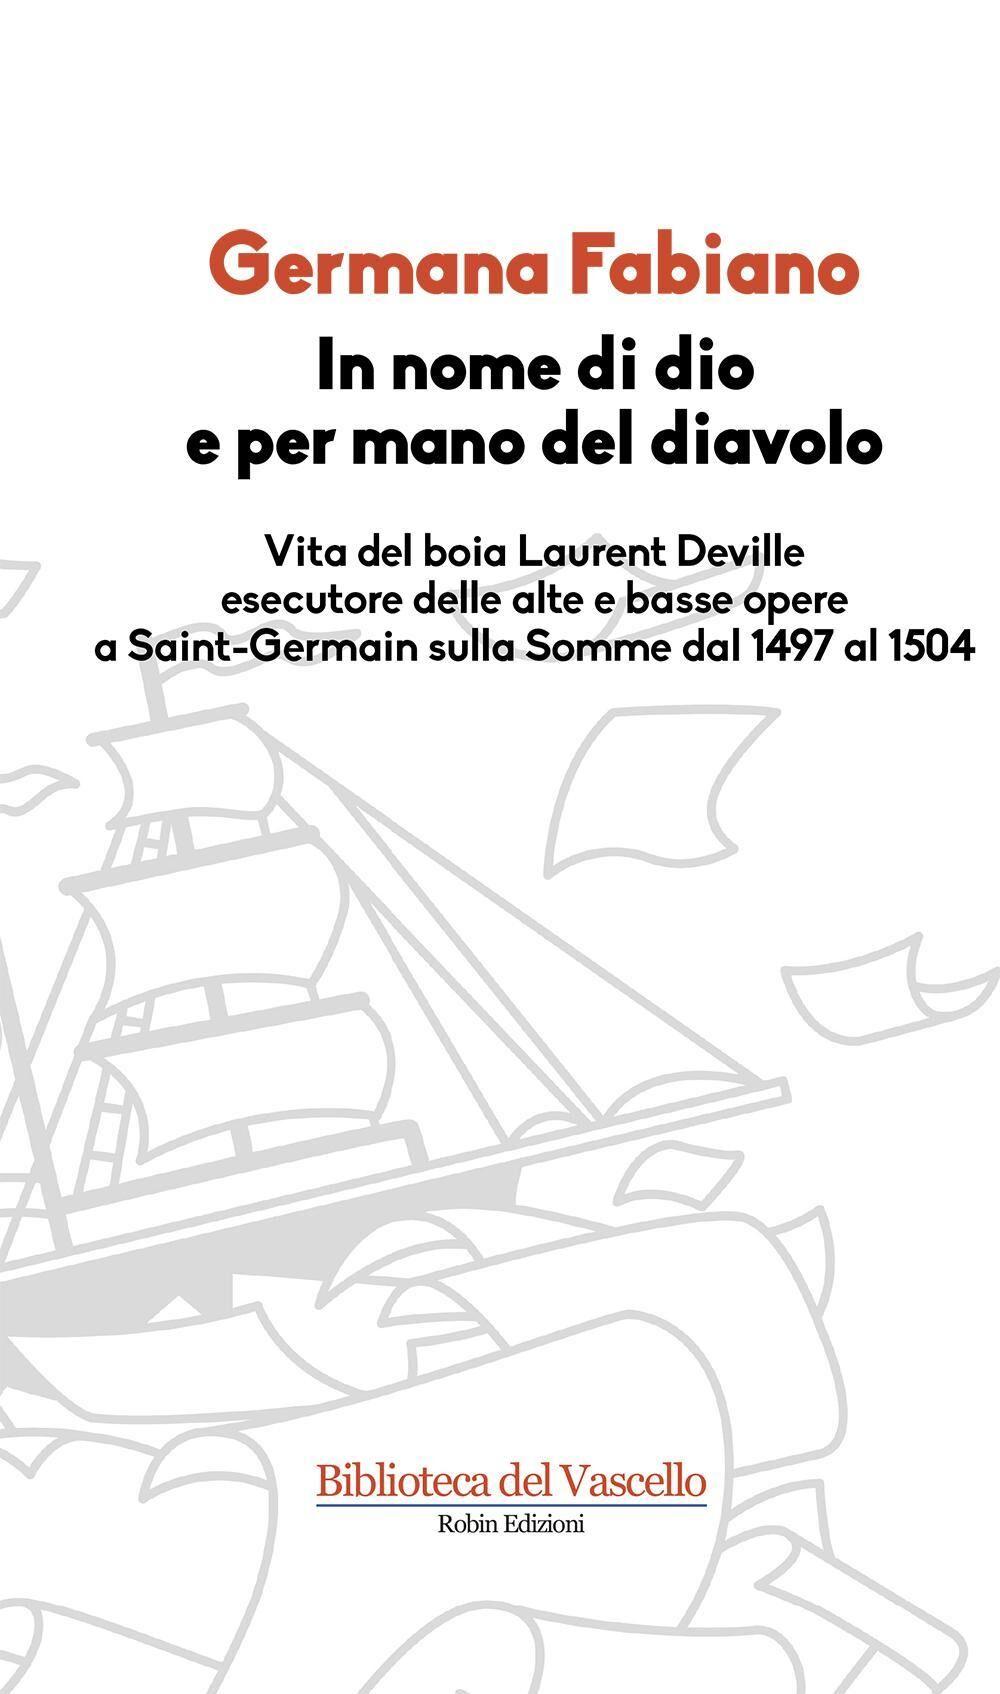 In nome di Dio e per mano del diavolo. Vita del boia Laurent Deville esecutore delle alte e basse opere a Saint-Germain sulla Somme dal 1497 al 1504